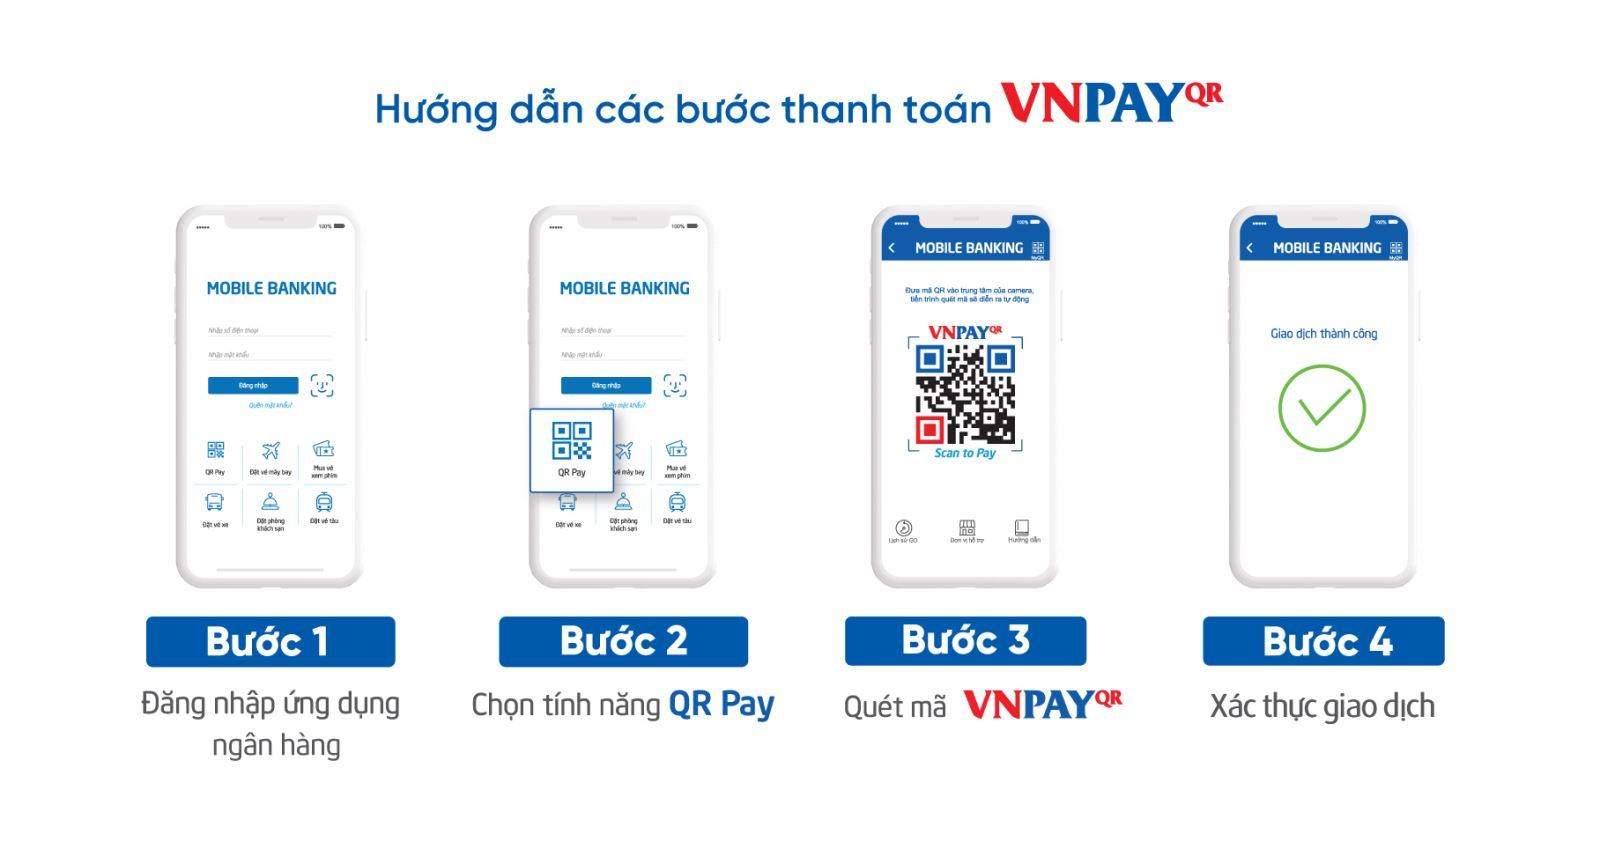 Hướng dẫn cách thức thanh toán qua VNPAY